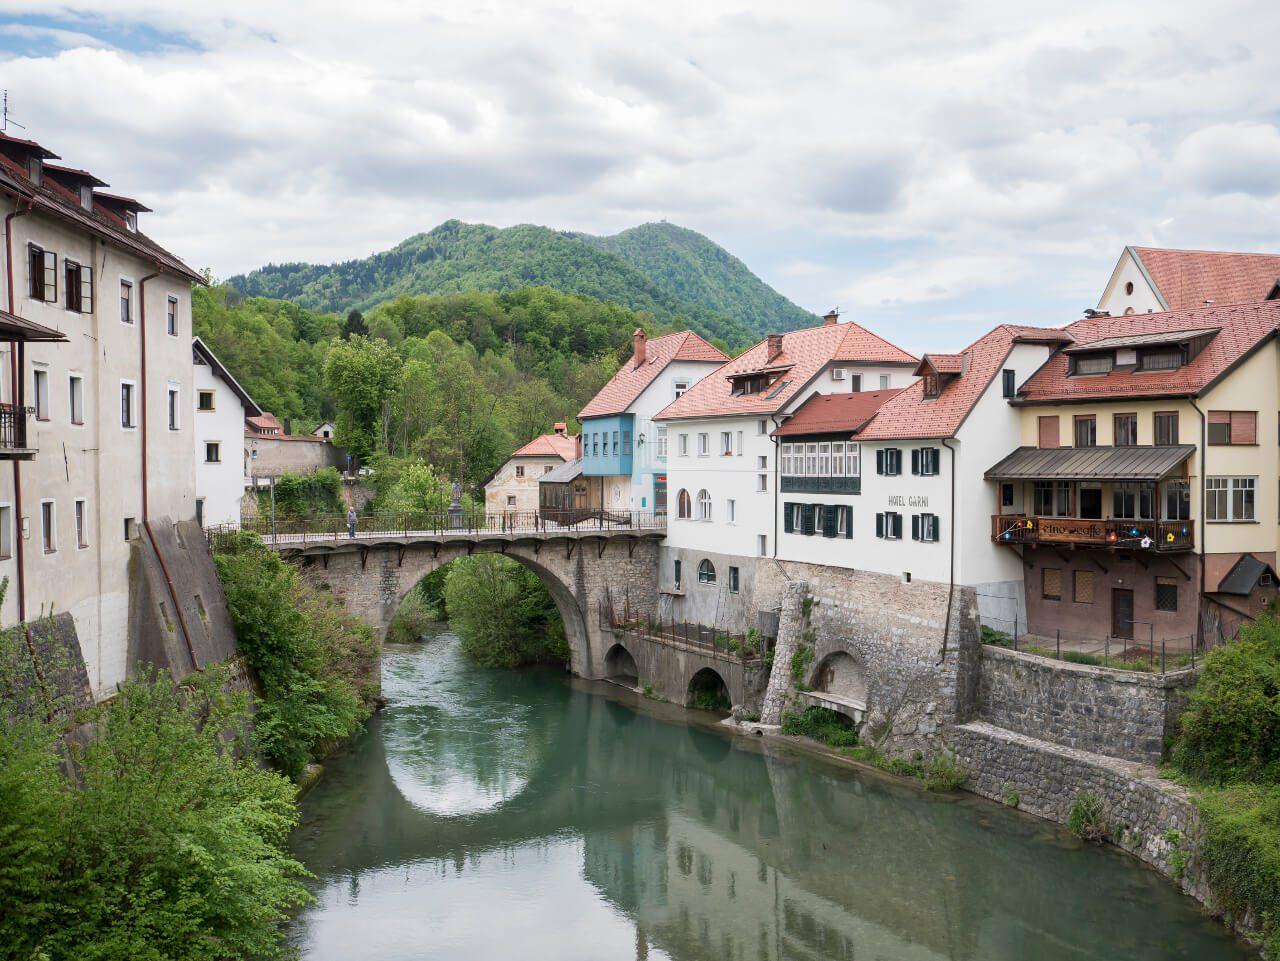 Co warto zobaczyć w Słowenii - Najbardziej charakterystyczny kadr w mieście - Most Kapucyński